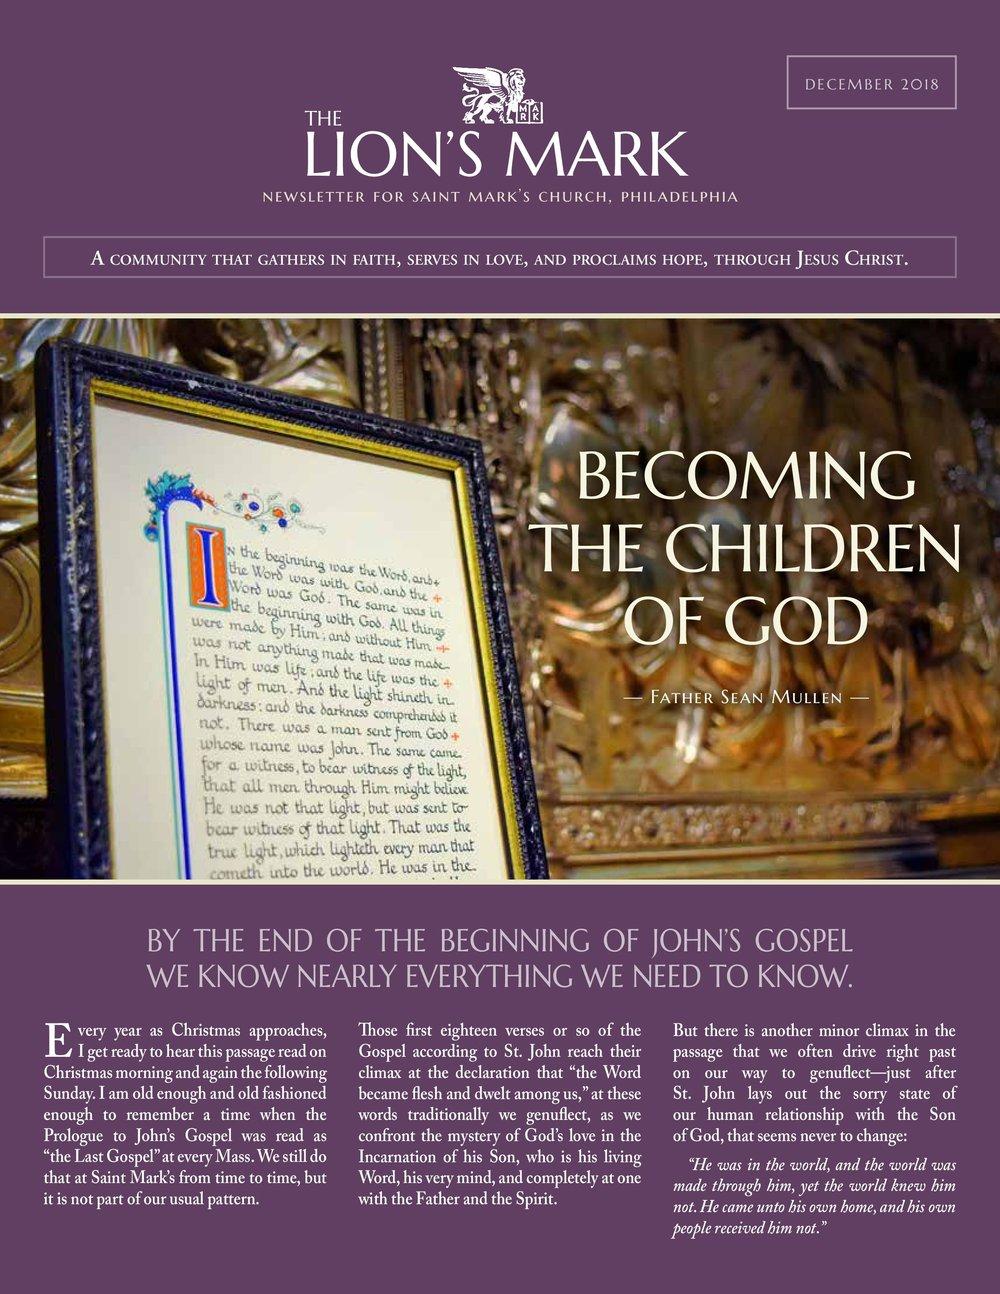 LionsMarks-DecJan18-page-001.jpg